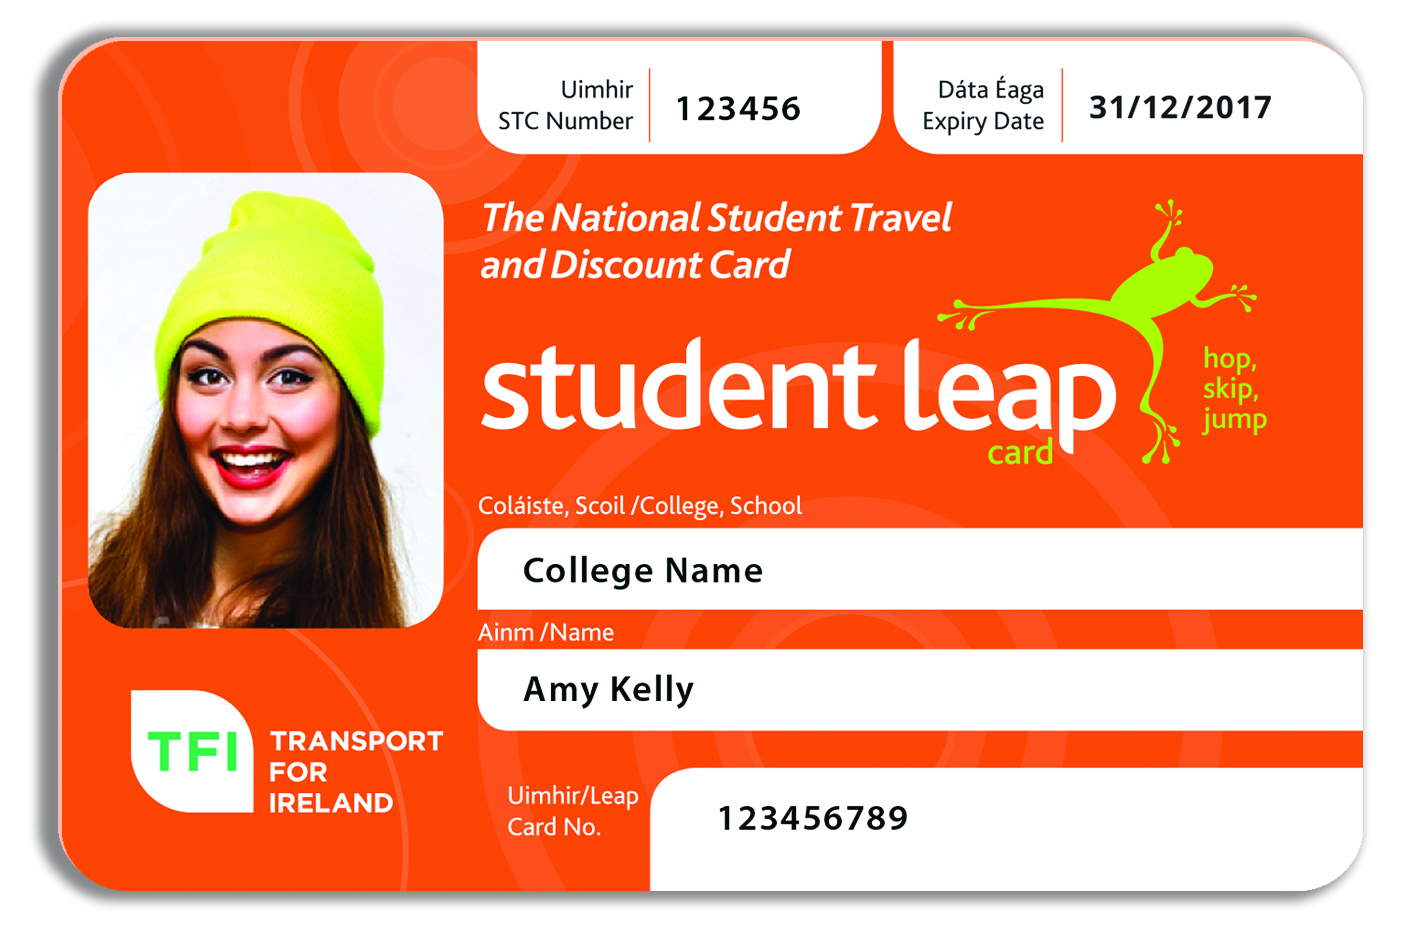 学生ならば作ったほうがお得、Student Leap card(スチューデントリープカード)